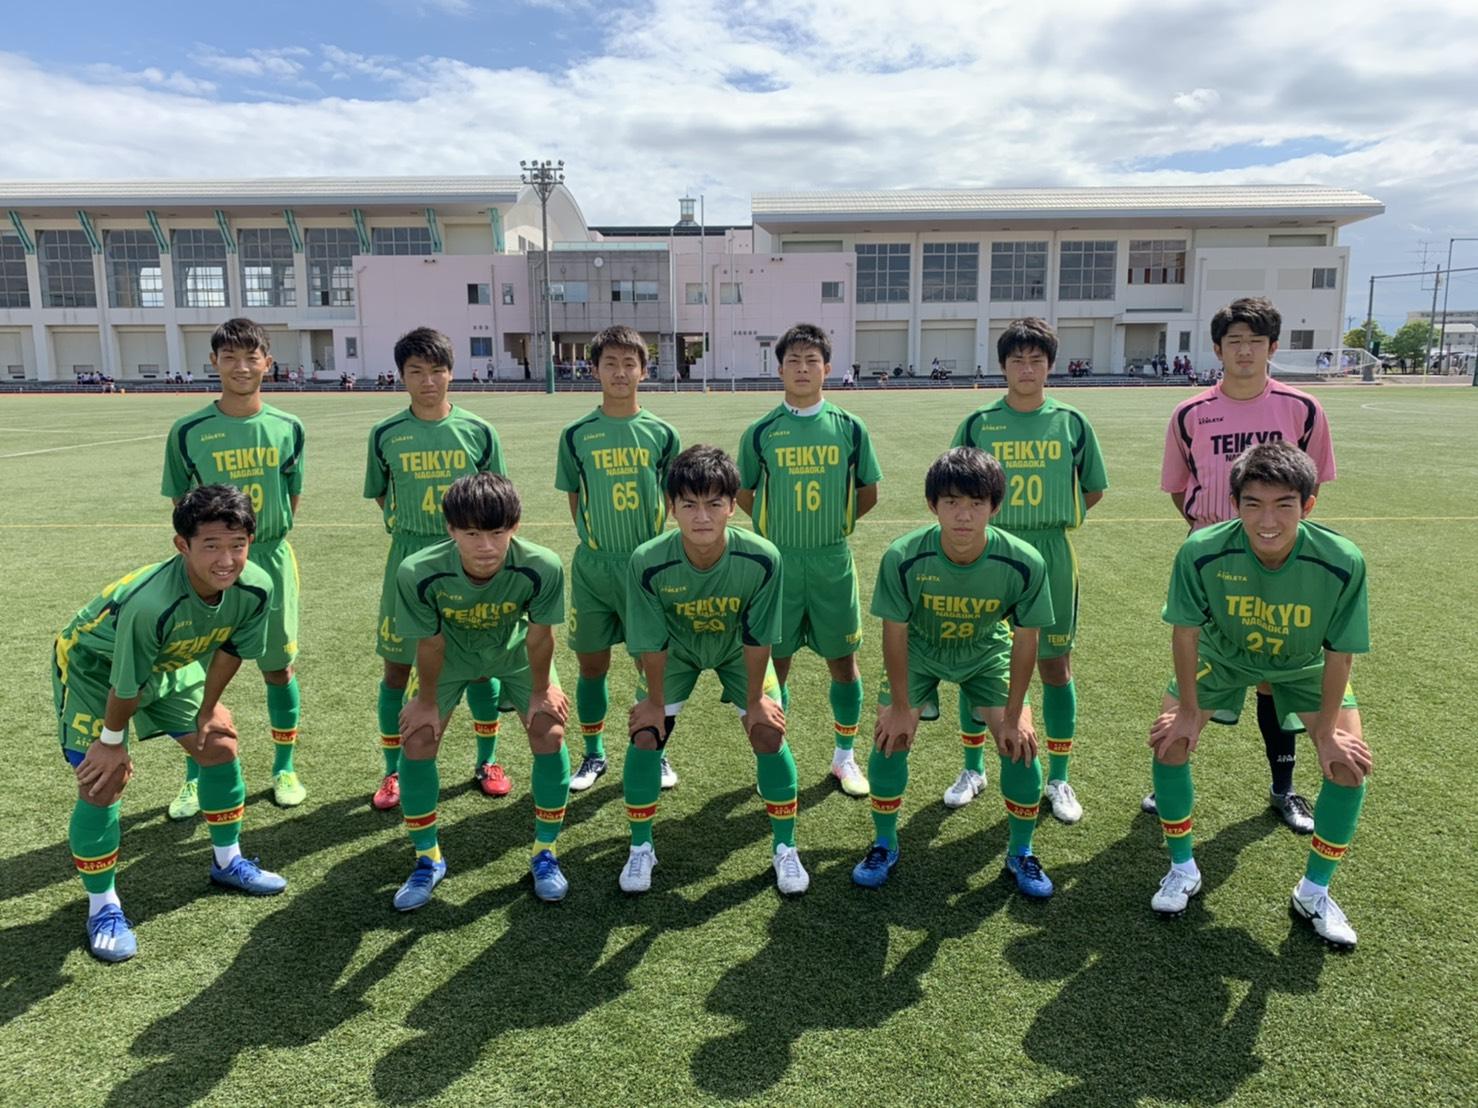 長岡 高校 サッカー 部 帝京